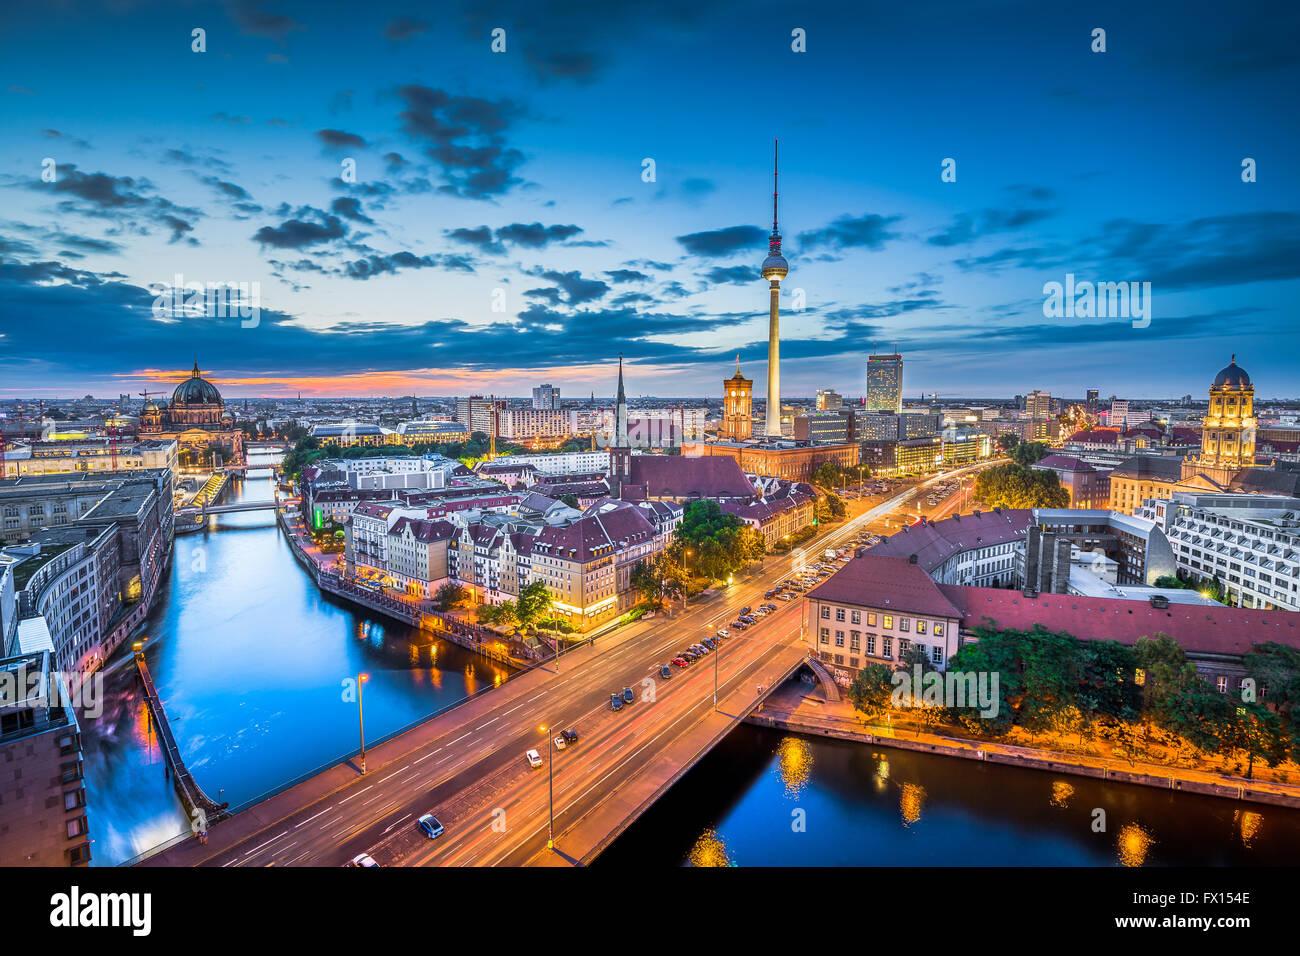 Vue aérienne de toits de Berlin avec des nuages au crépuscule pendant l'heure bleue, au crépuscule, Photo Stock